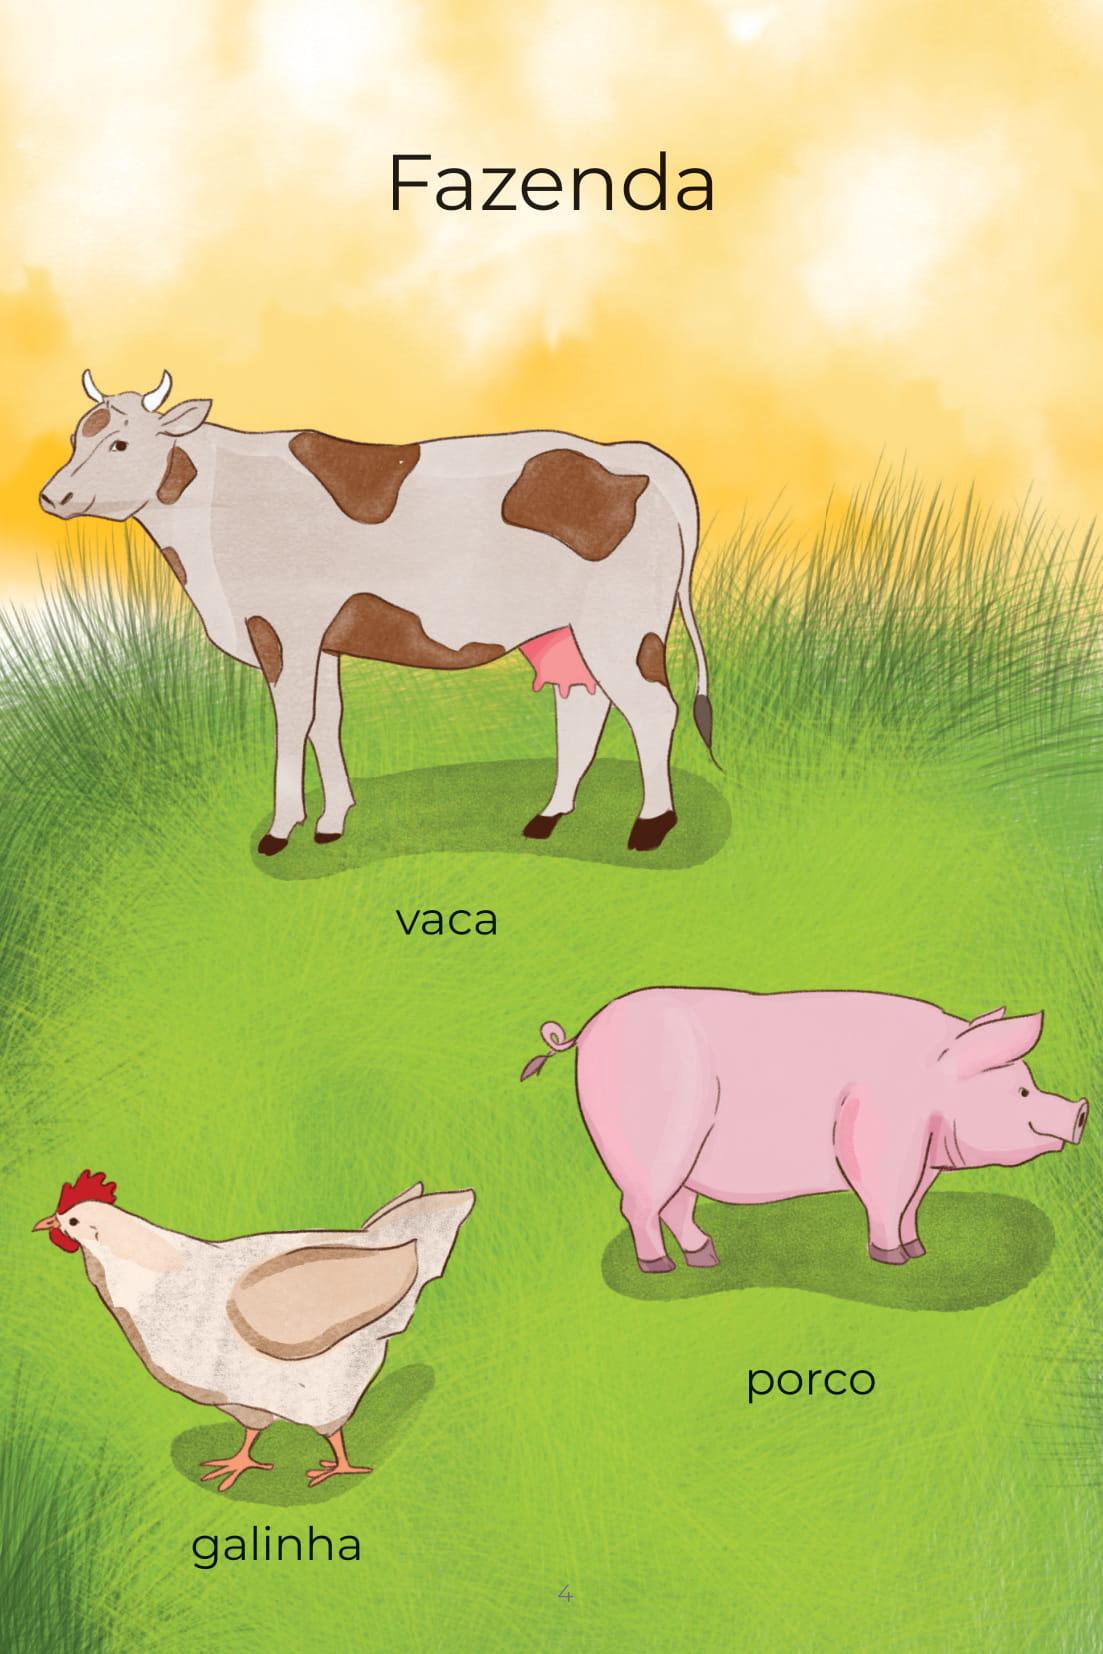 Fazenda vaca porco galinha